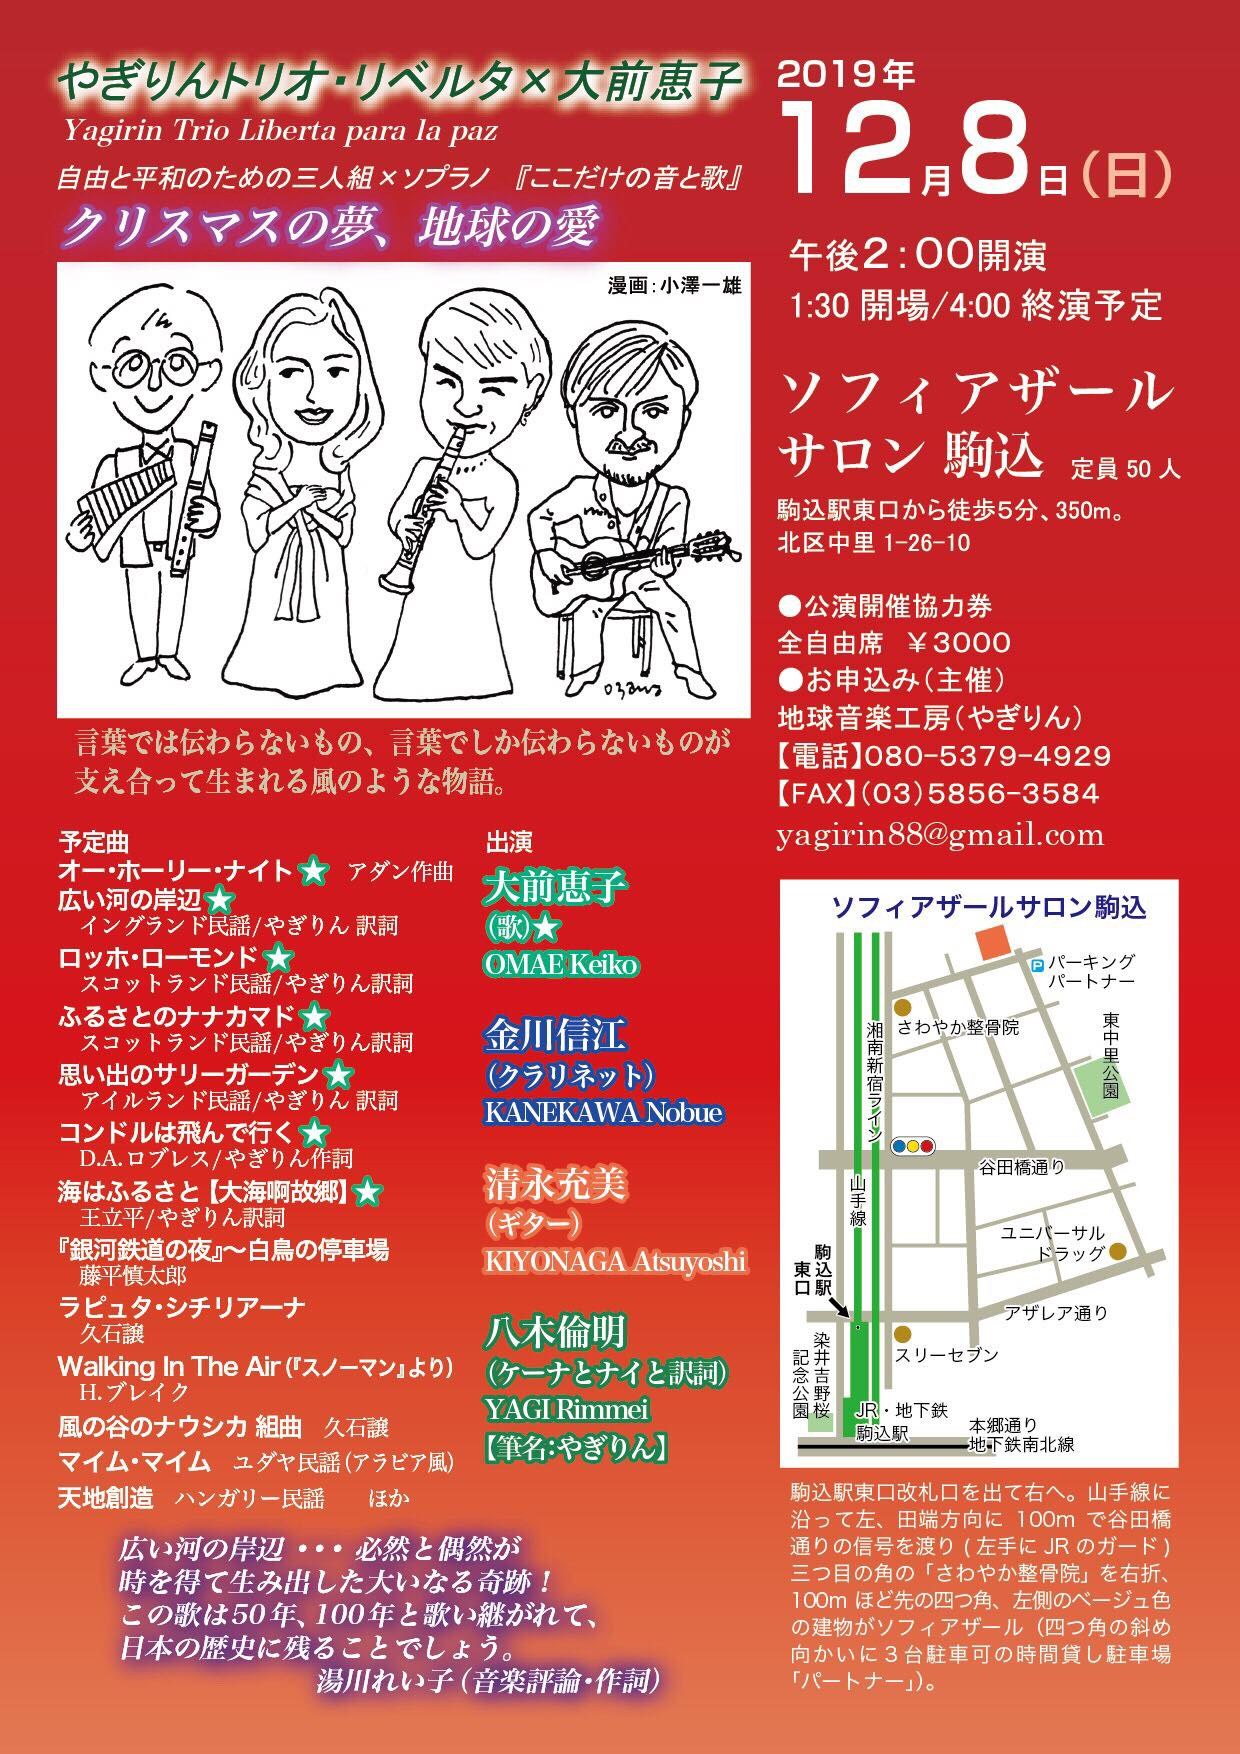 やぎりんトリオ・リベルタ×大前恵子 自由と平和のための三人組×ソプラノ「ここだけの音と歌」 クリスマスの夢、地球の愛